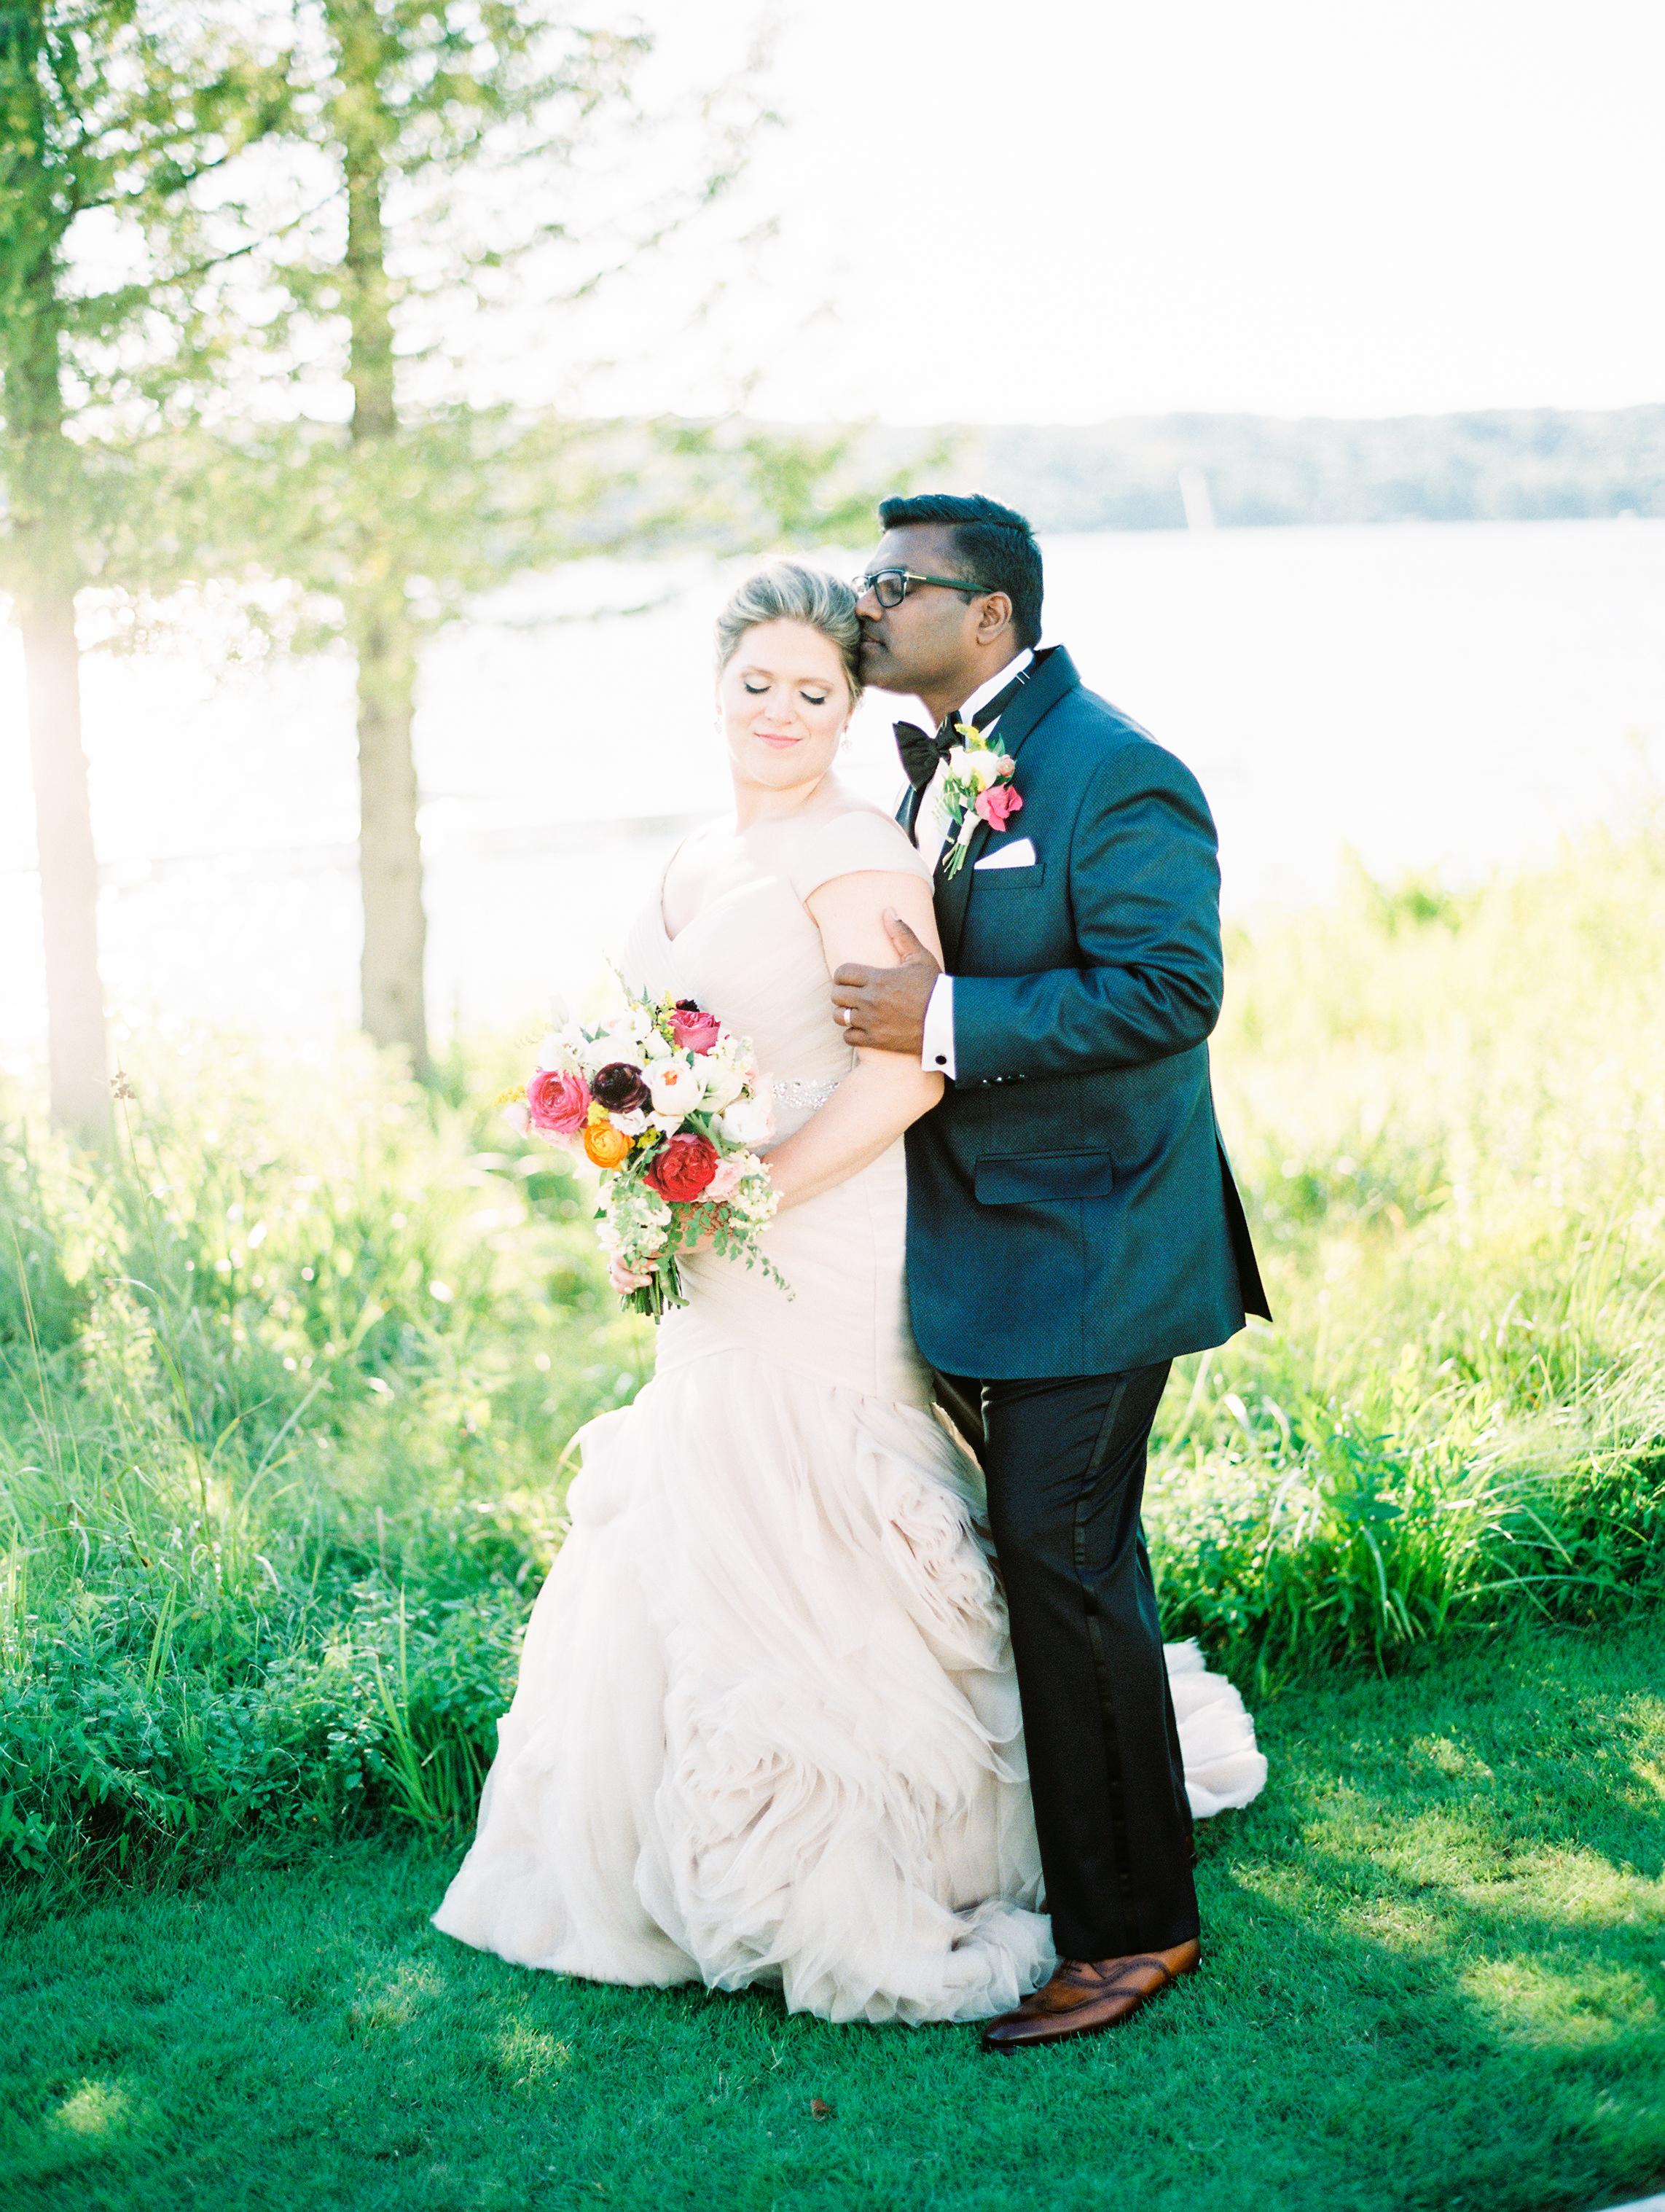 Govathoti+Wedding+Bridal+Partyb-12.jpg